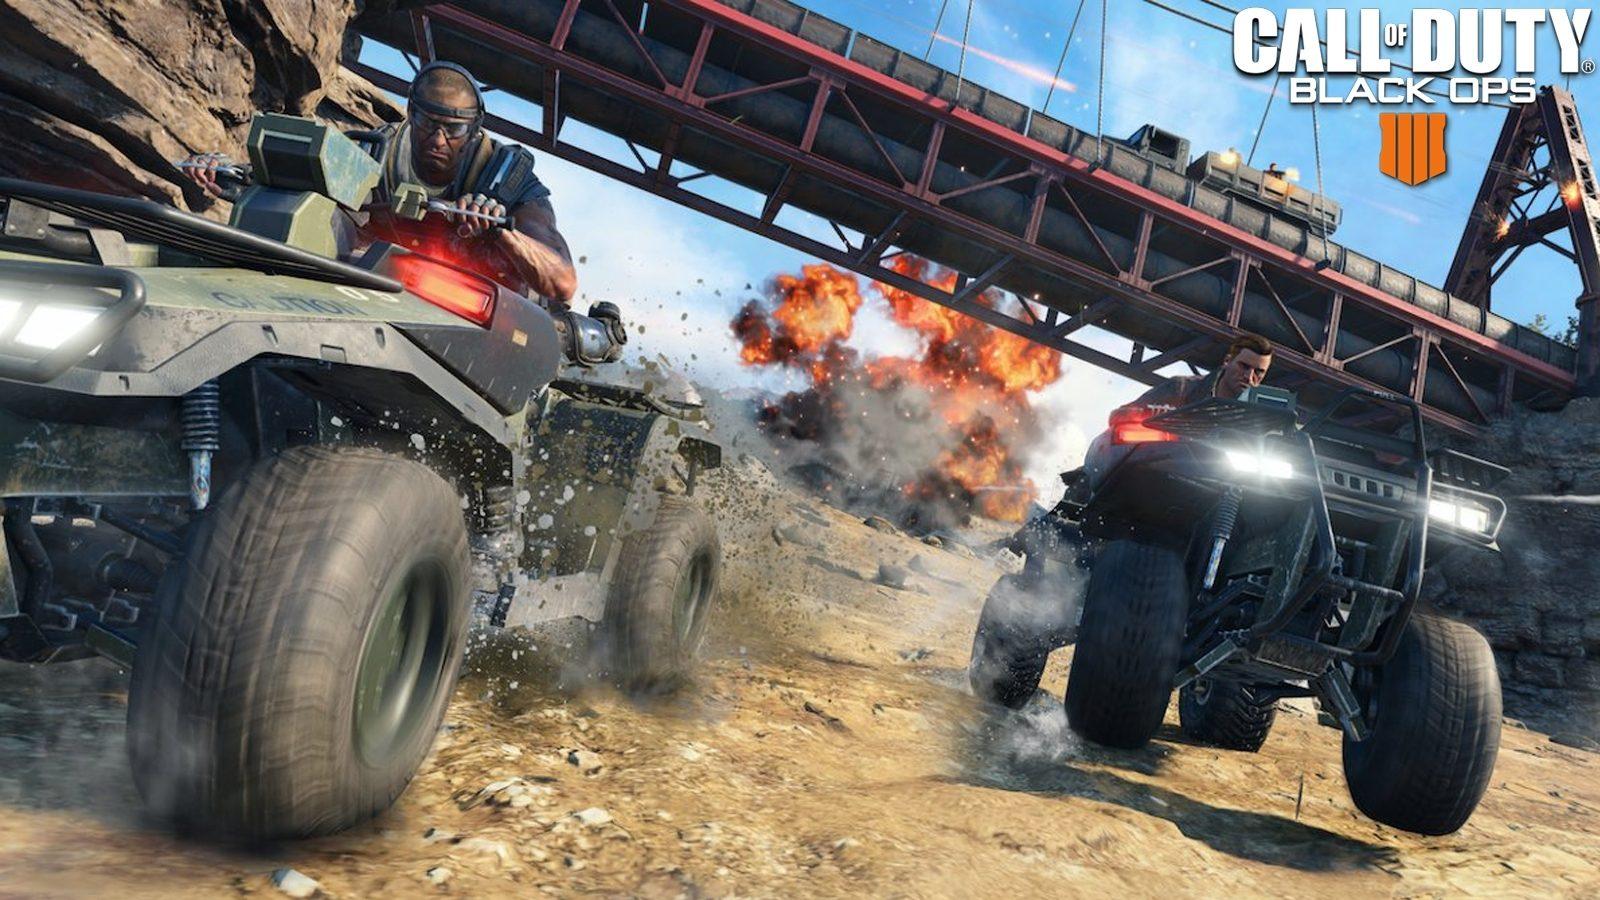 Así es el modo battle royale del nuevo Call of Duty